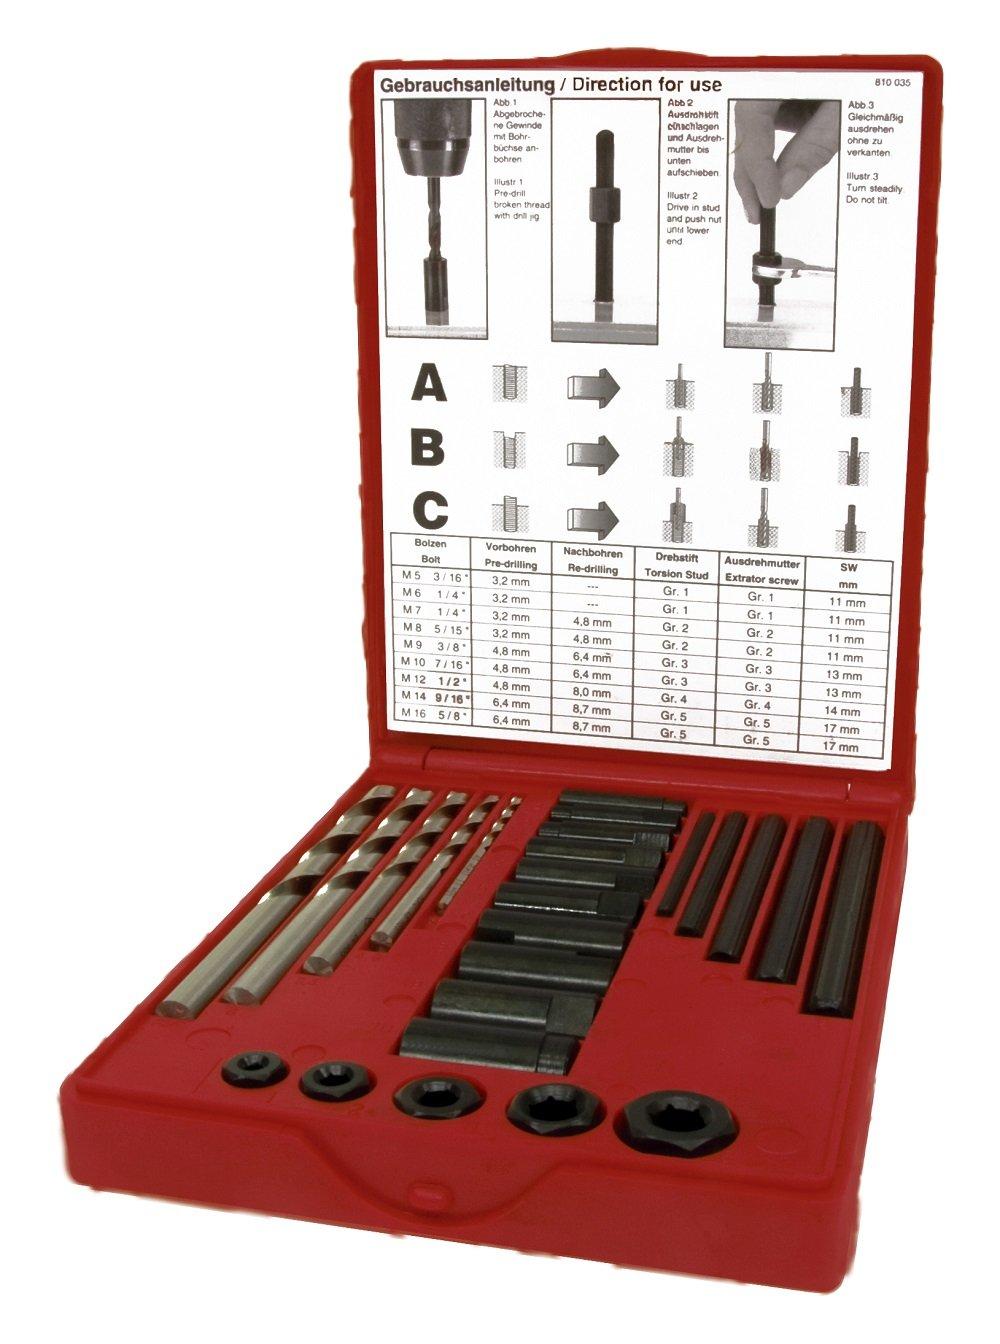 Ruko rosca Juego de herramientas hssco 245030e 1/pieza